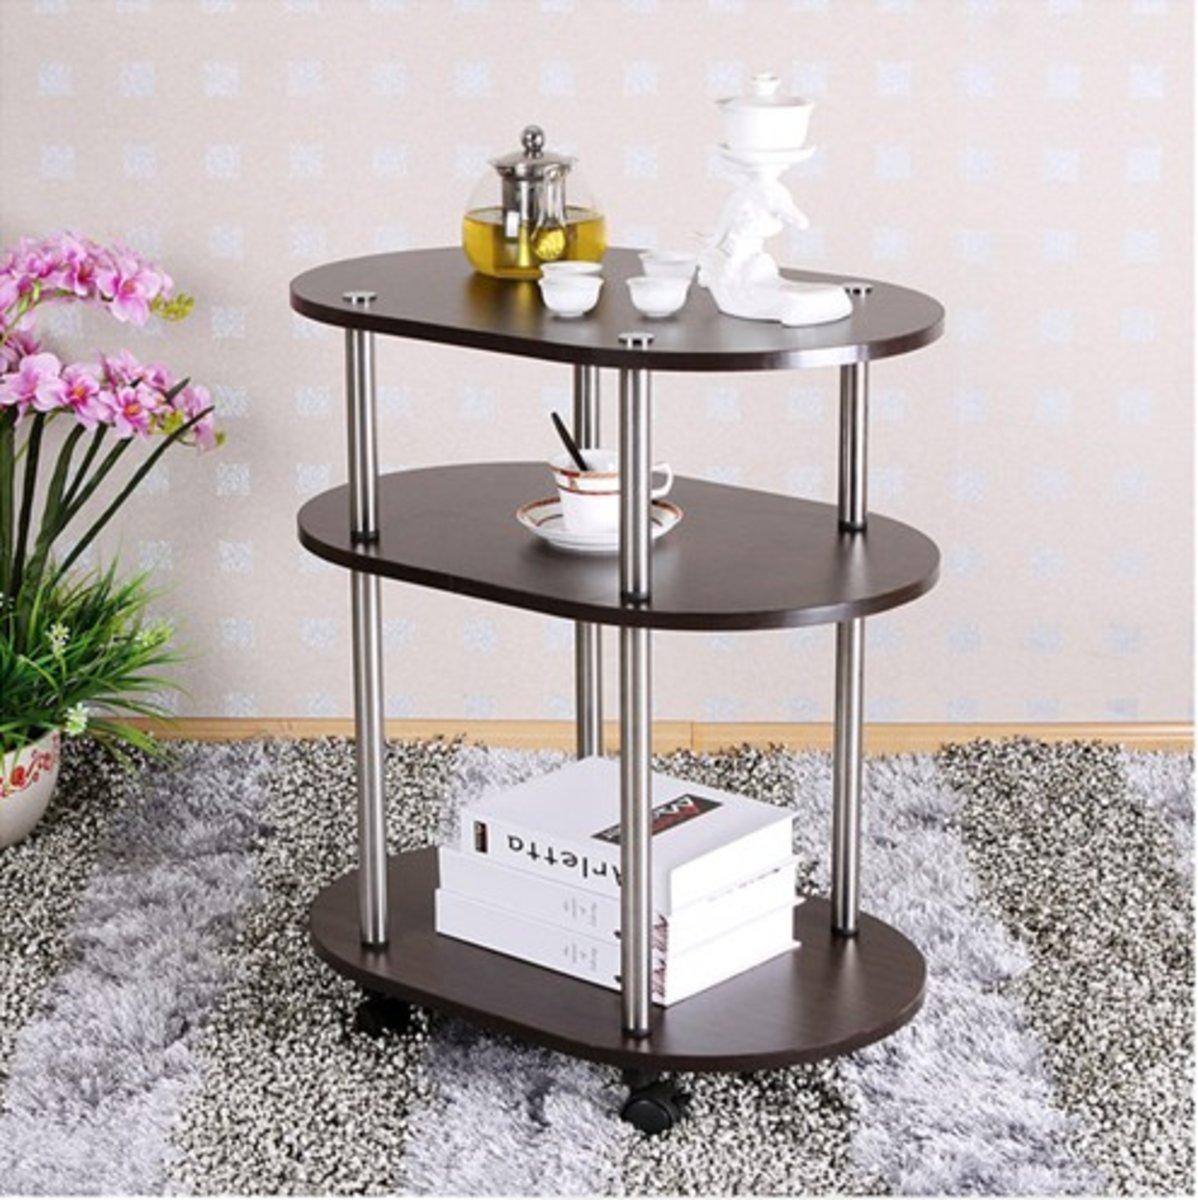 Rotaty table - Black